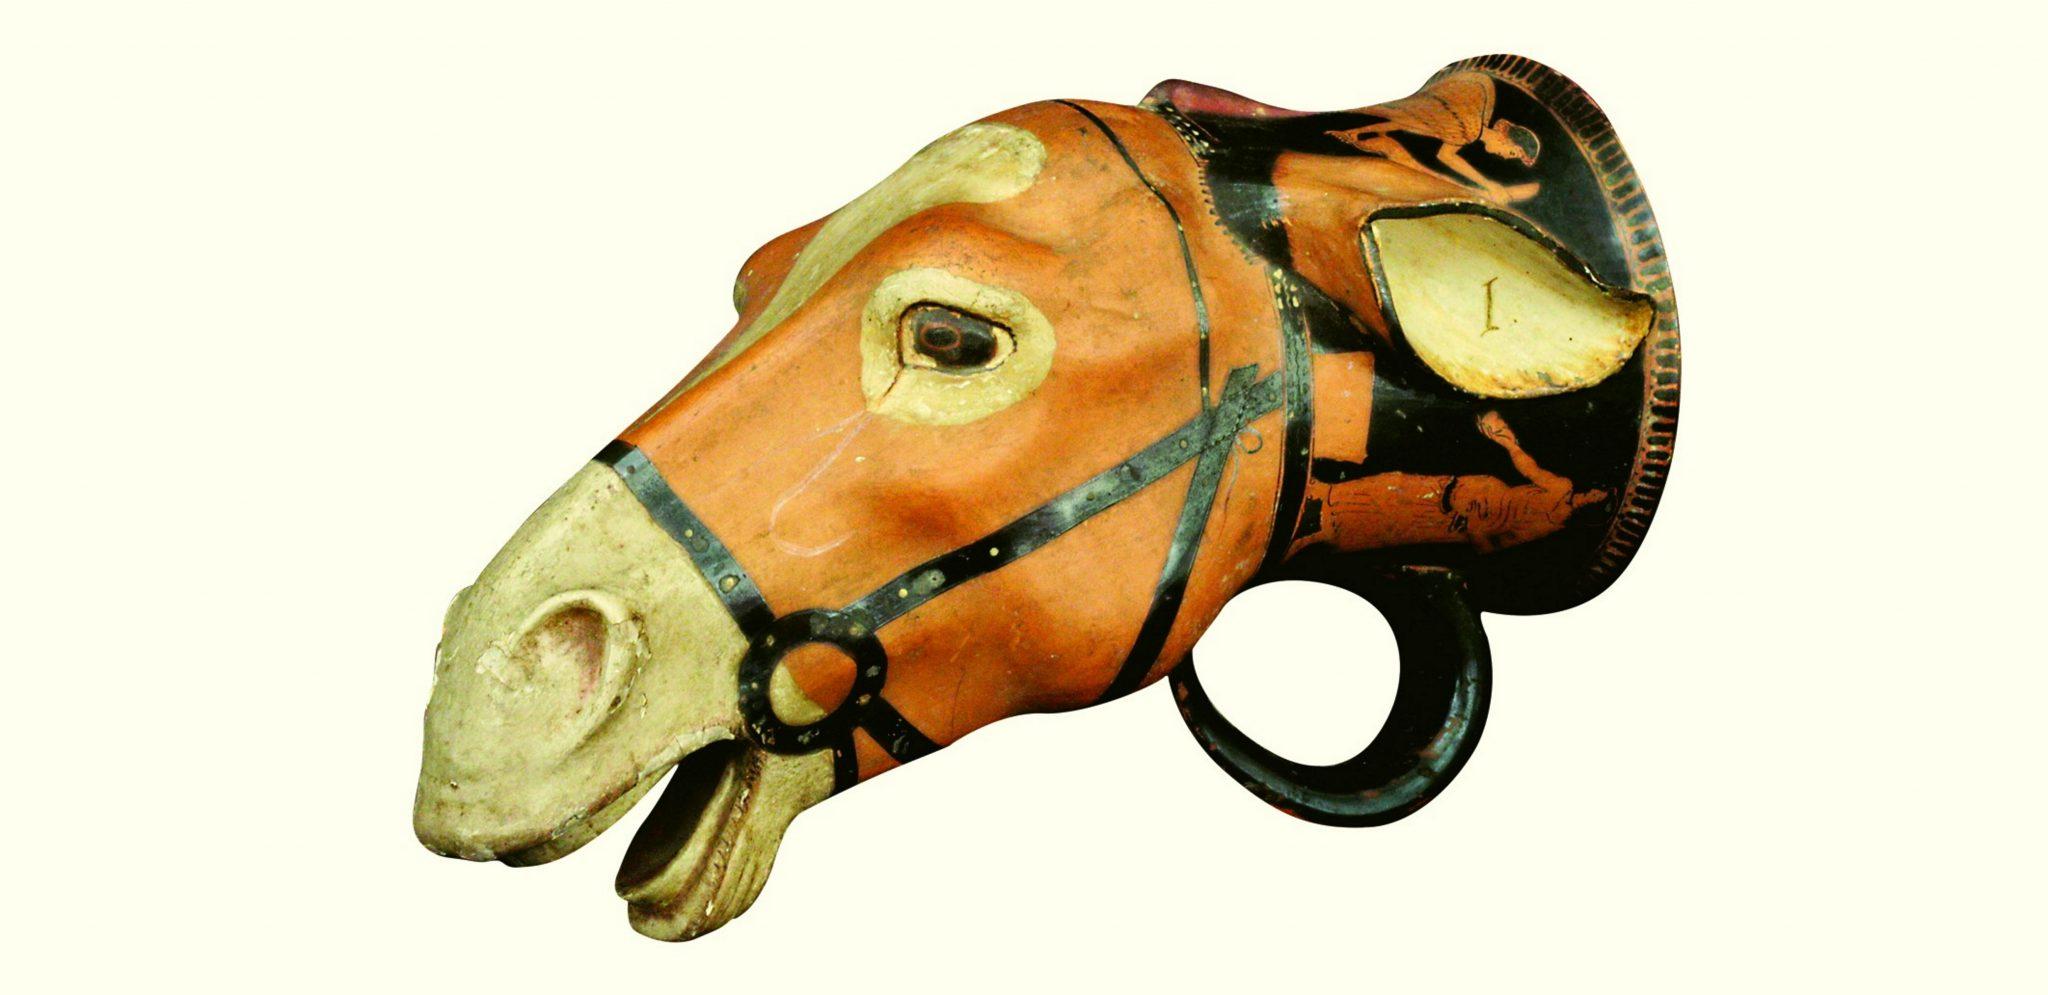 Rhyton a forma di testa d'asino Terracotta, 20 Ruvo 480-470 a.C., Napoli, Museo Archeologico Nazionale © Ministero per i Beni e le Attività Culturali